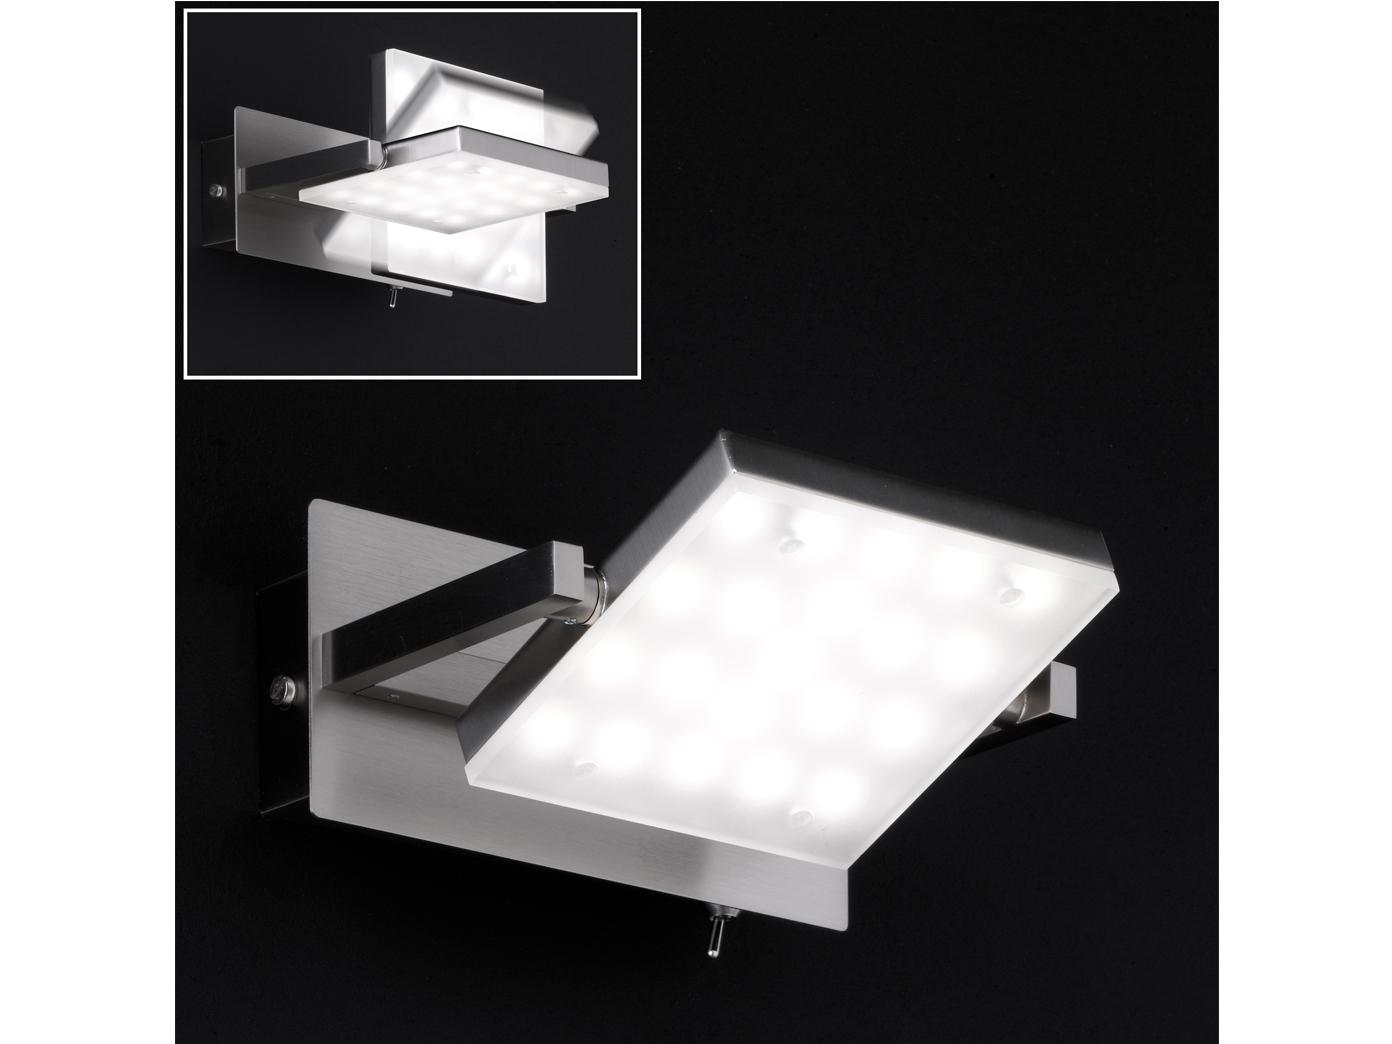 LED Wandleuchte Wandlampe MILL Nickel matt Acryl weiß matt Breite 15 cm